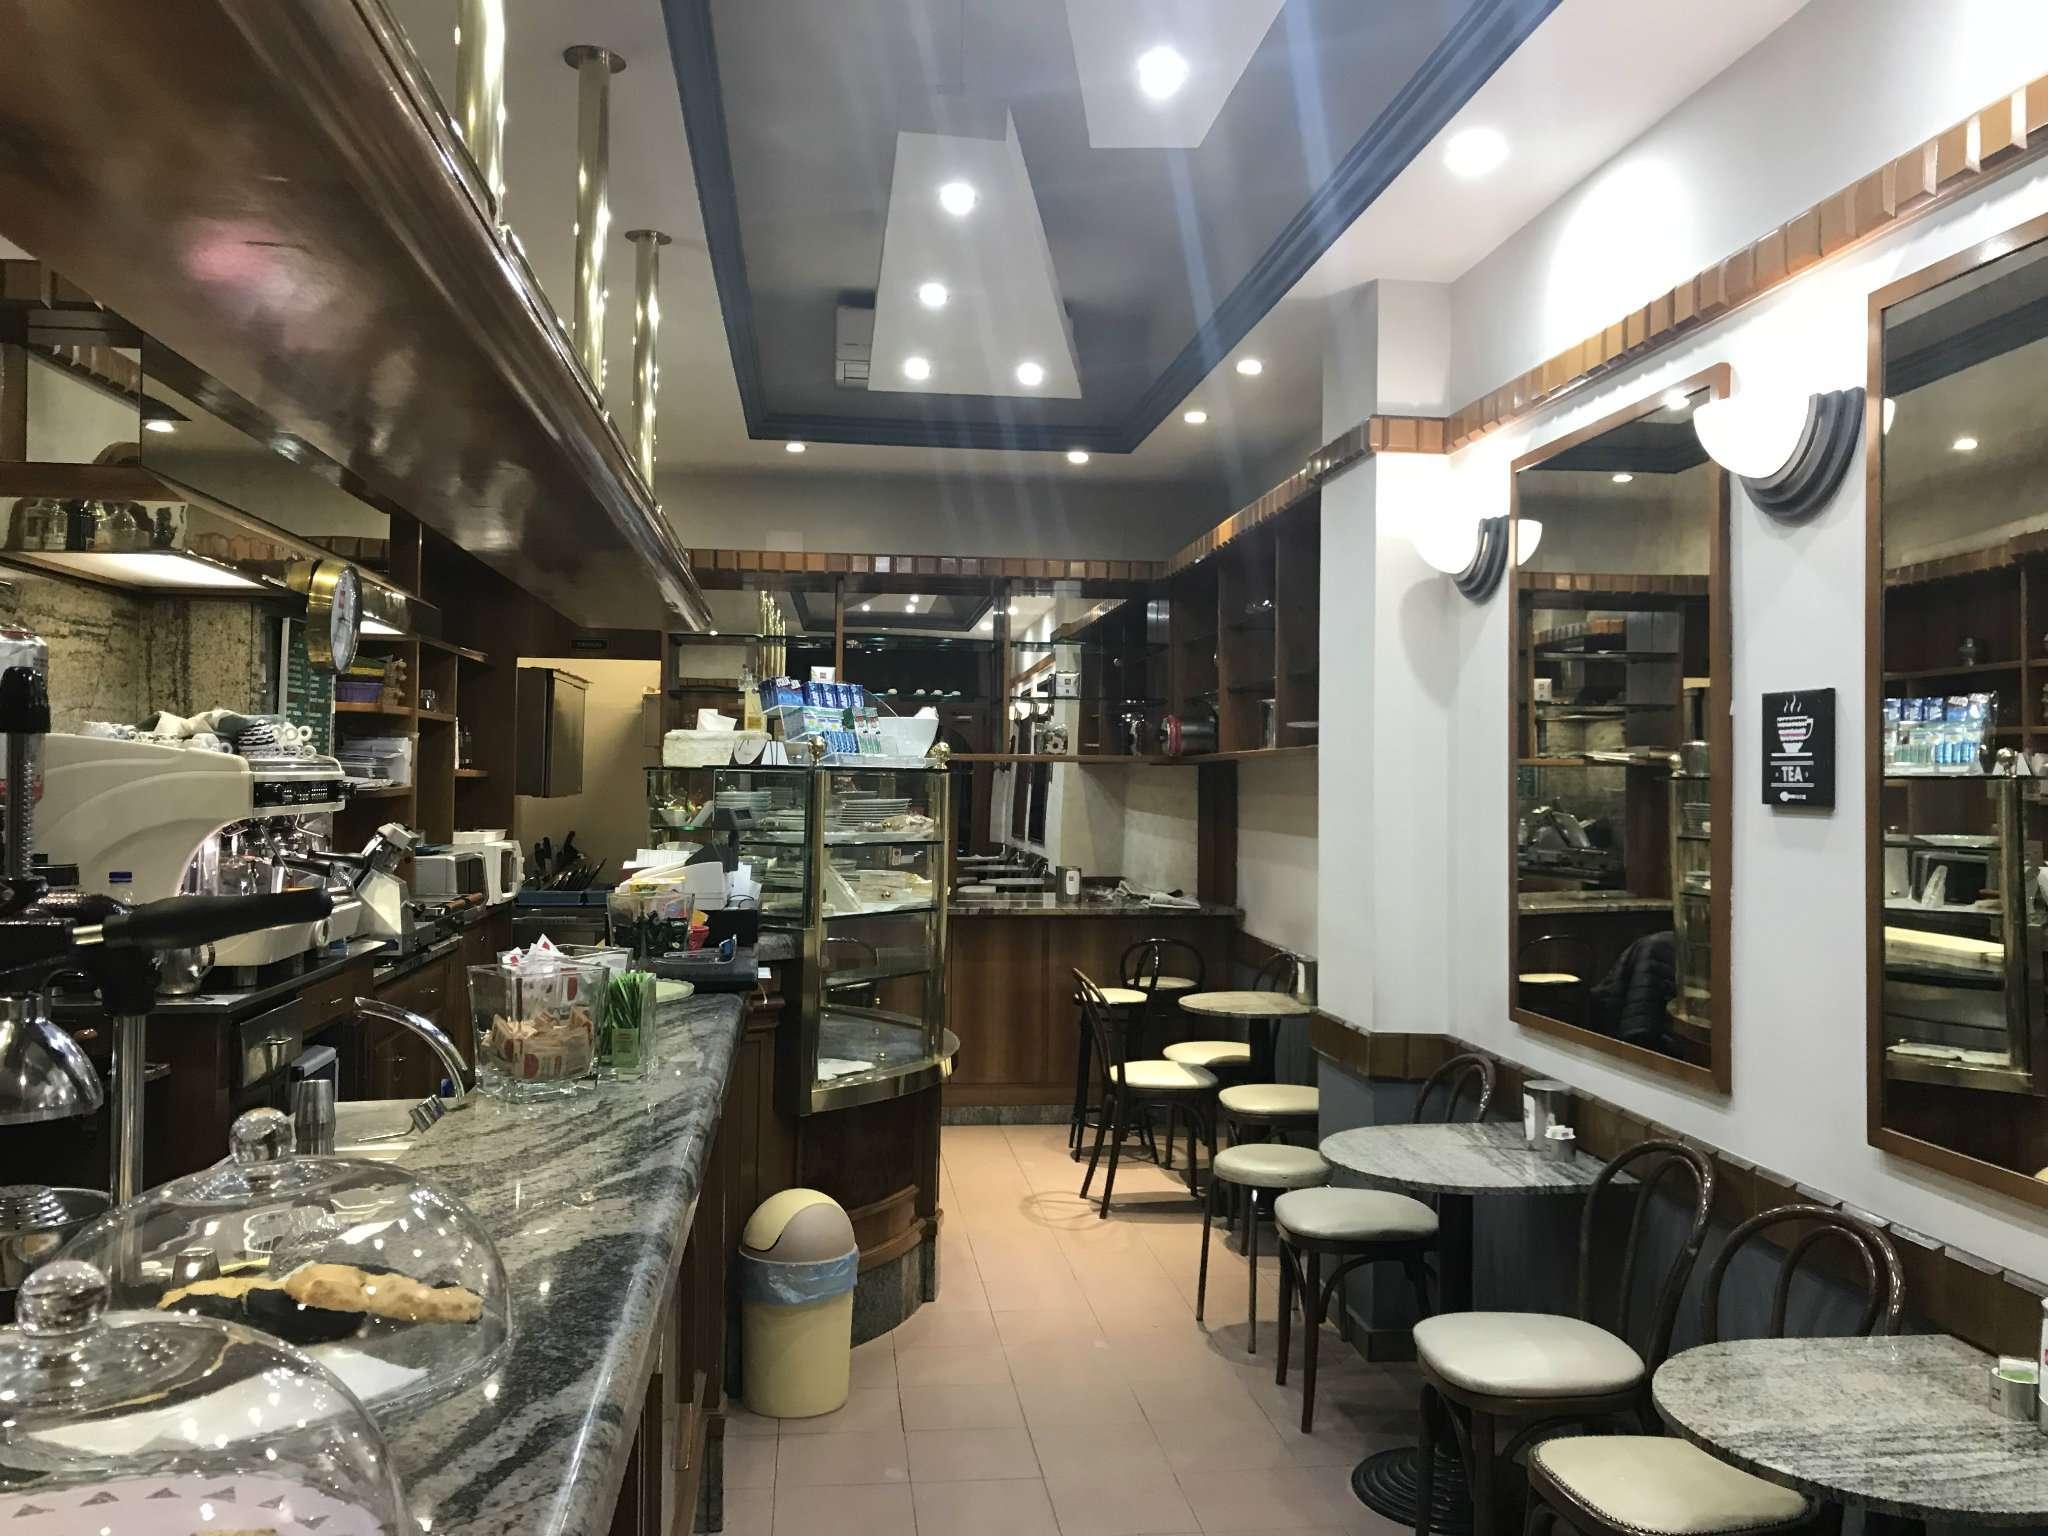 Cessione attività in vendita Zona Crocetta, San Secondo - via CRISTOFORO COLOMBO Torino